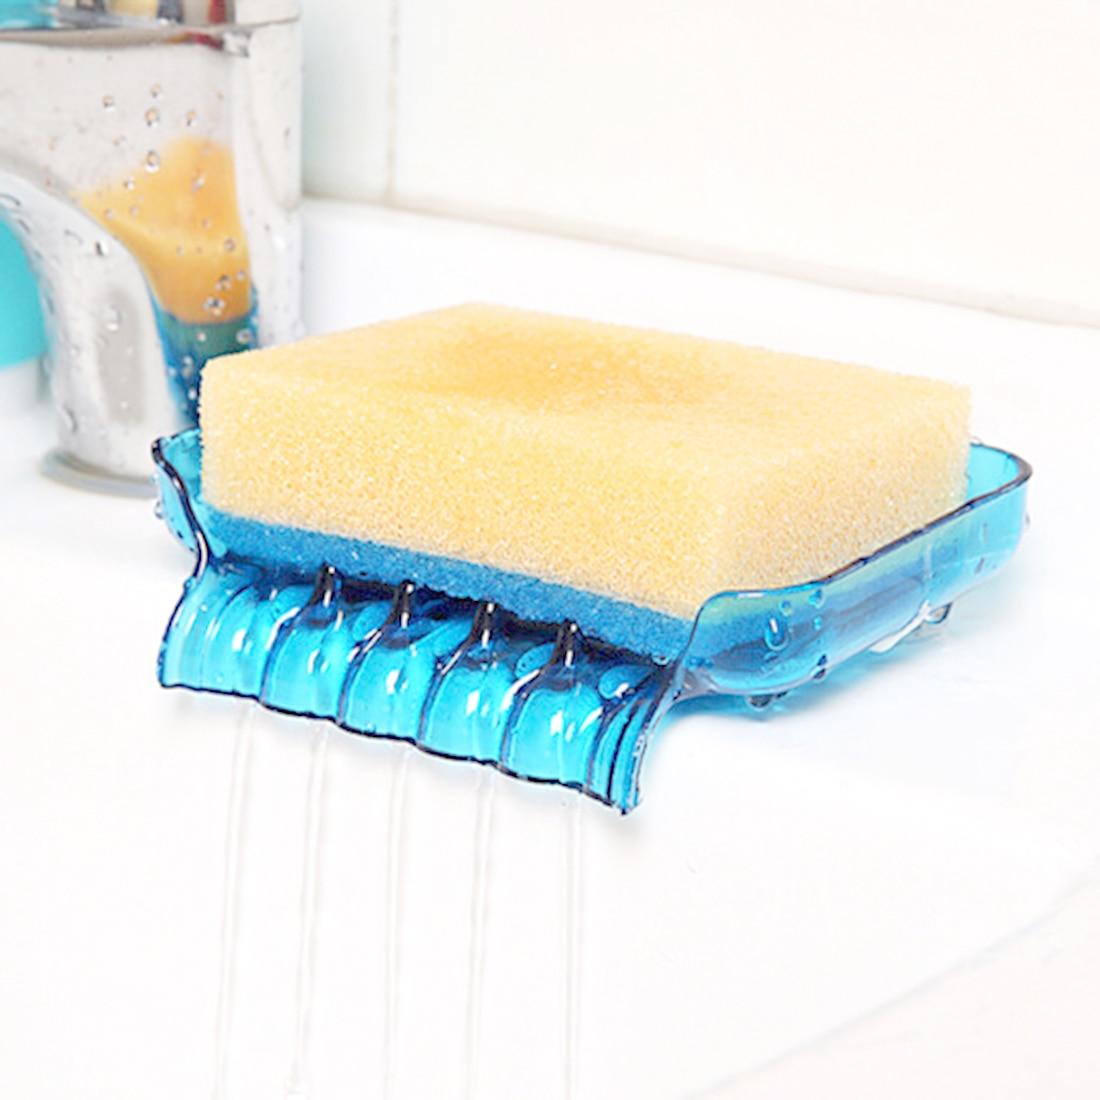 Plastic Soap Dish Bathroom Accessories Drain Soap Box Shower Soap ...